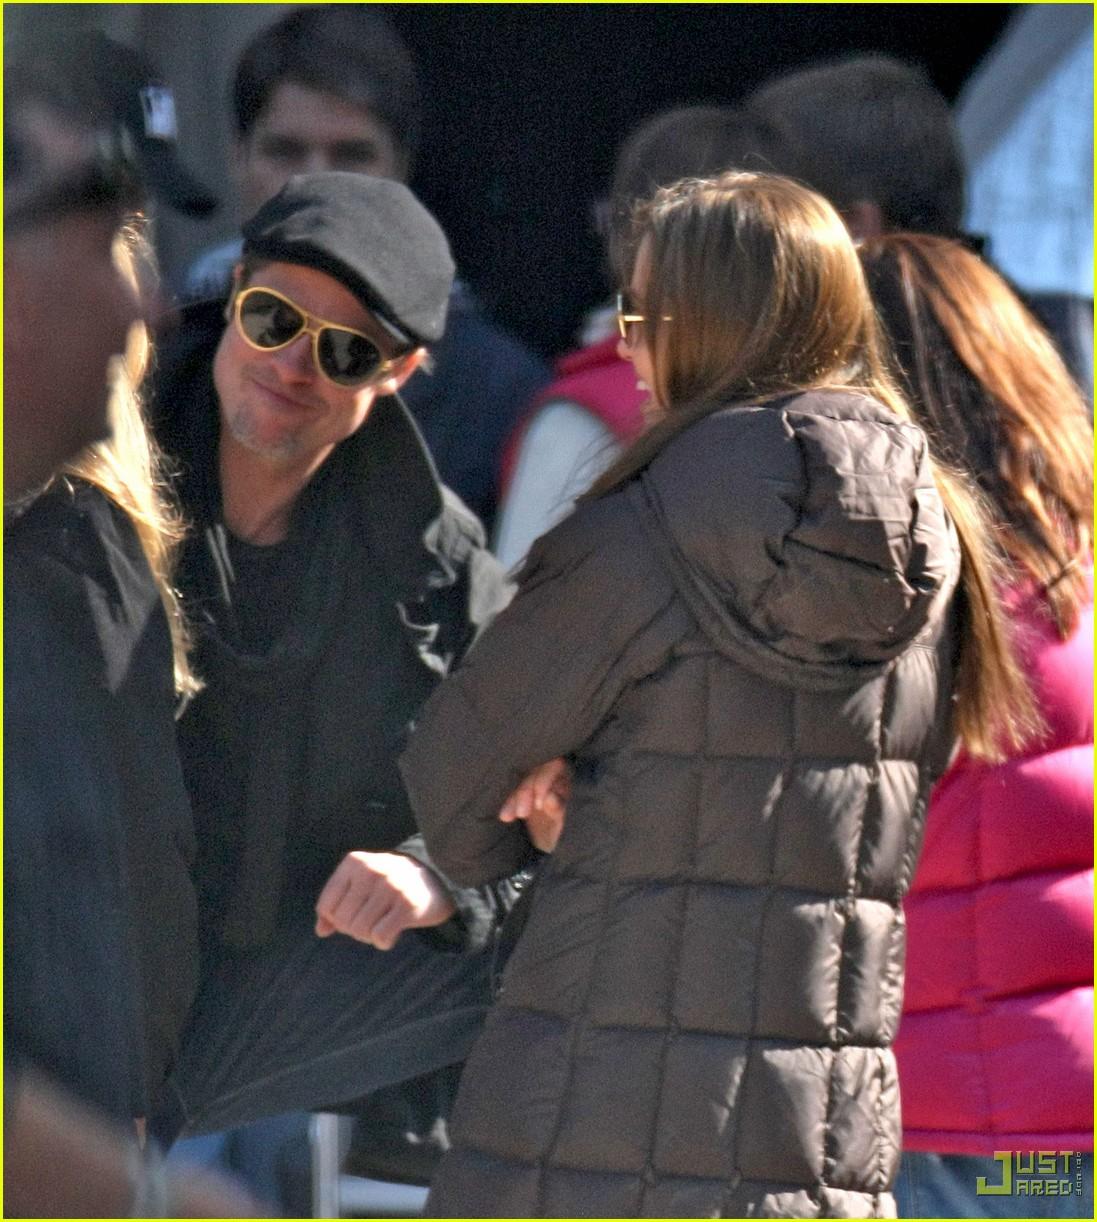 http://4.bp.blogspot.com/_vaIIg9LVtqg/TLaH2PRMGiI/AAAAAAAAACQ/_wupHWQ9dzw/s1600/brad-pitt-angelina-jolie-kissing-budapest-03.jpg